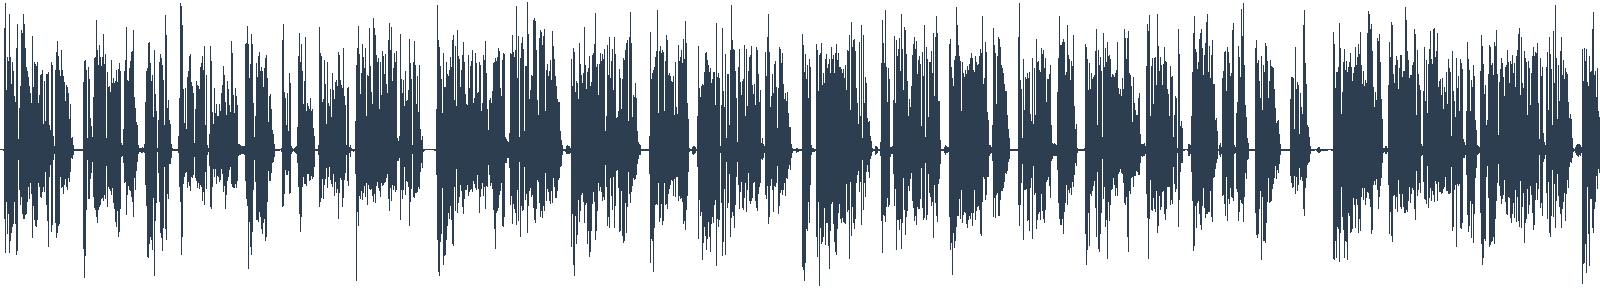 Jmenuju se Ozzy - ukázka z audioknihy waveform